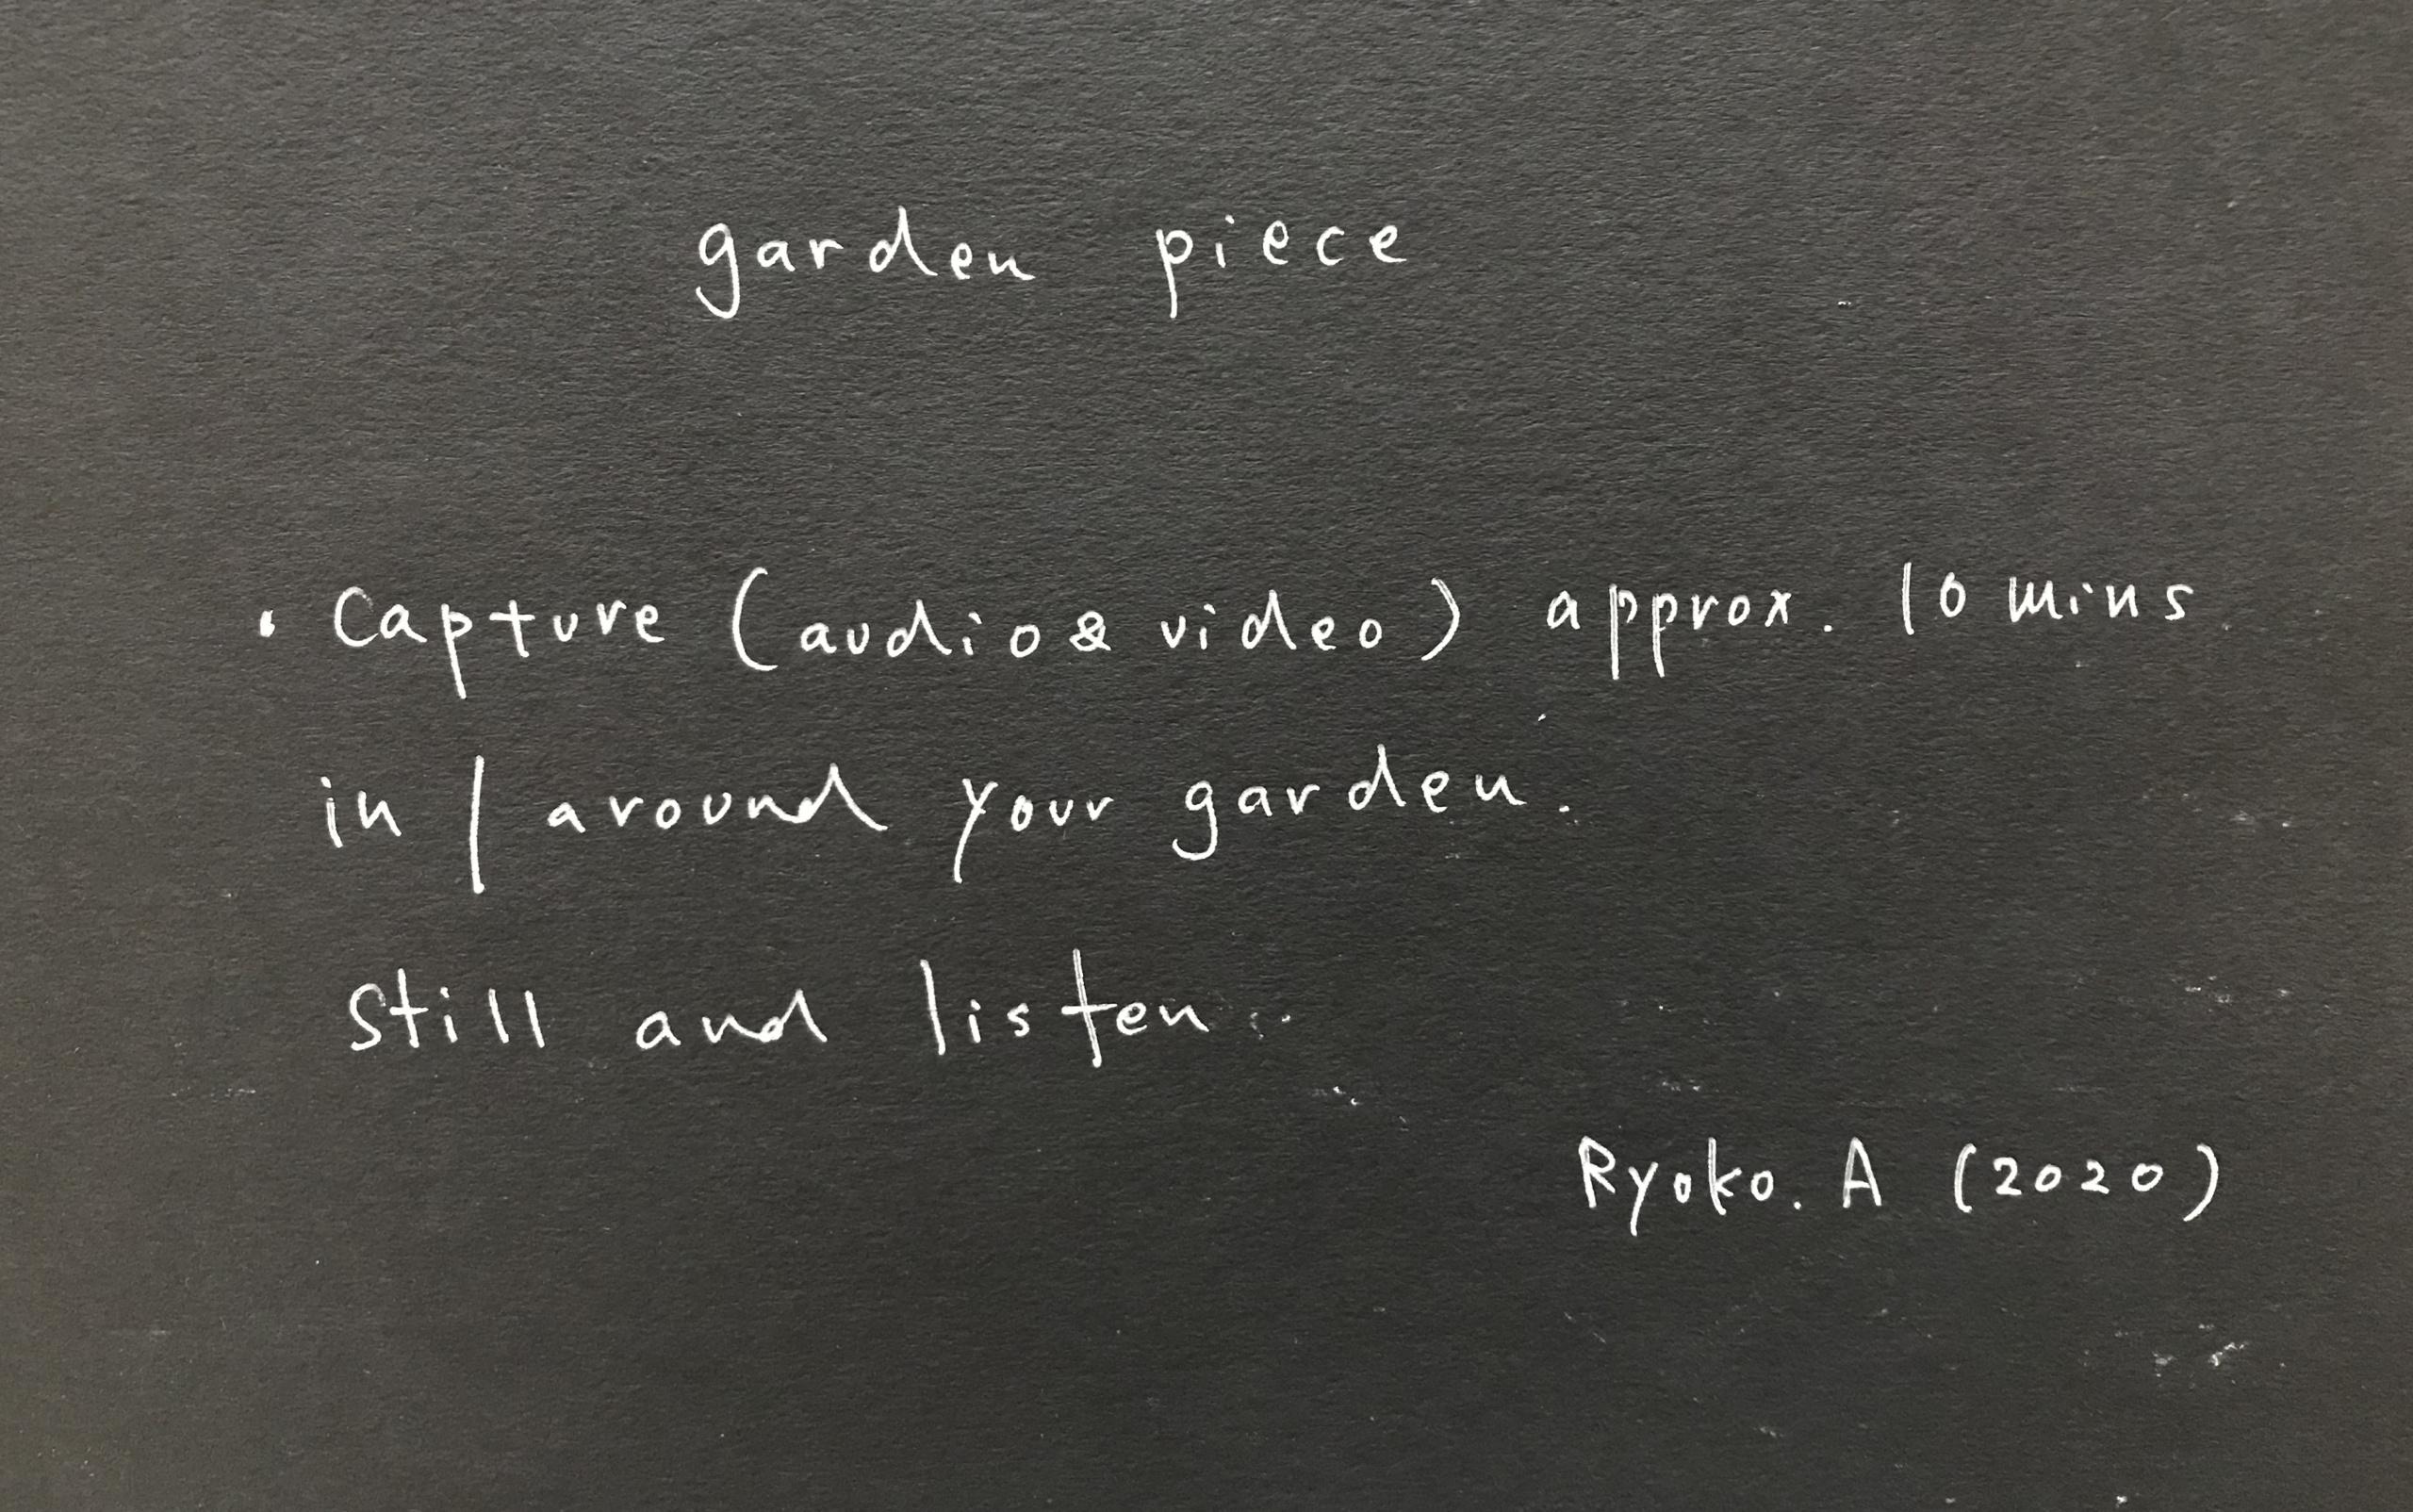 garden piece (2020)